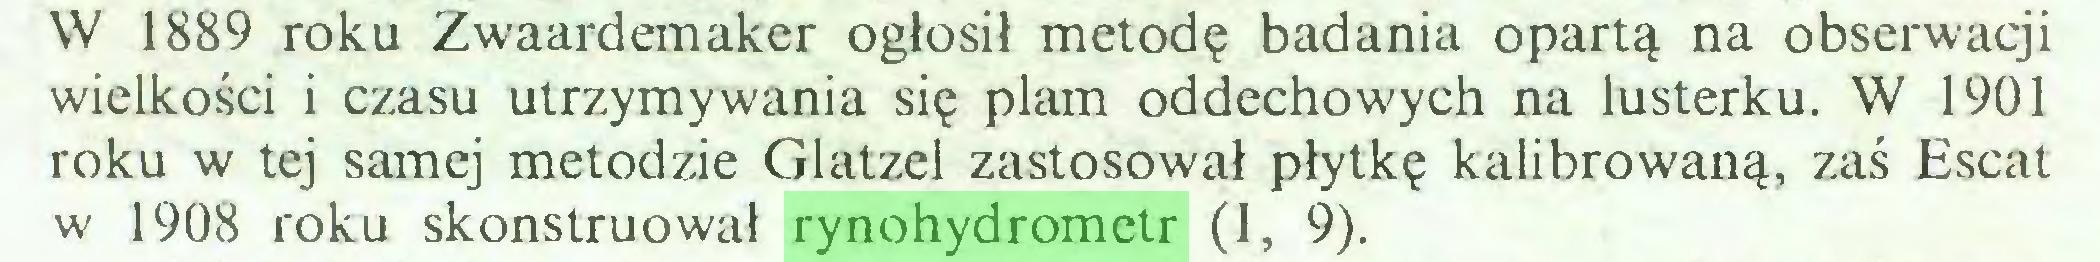 (...) W 1889 roku Zwaardemaker ogłosił metodę badania opartą na obserwacji wielkości i czasu utrzymywania się plam oddechowych na lusterku. W 1901 roku w tej samej metodzie Glatzel zastosował płytkę kalibrowaną, zaś Escat w 1908 roku skonstruował rynohydrometr (1, 9)...